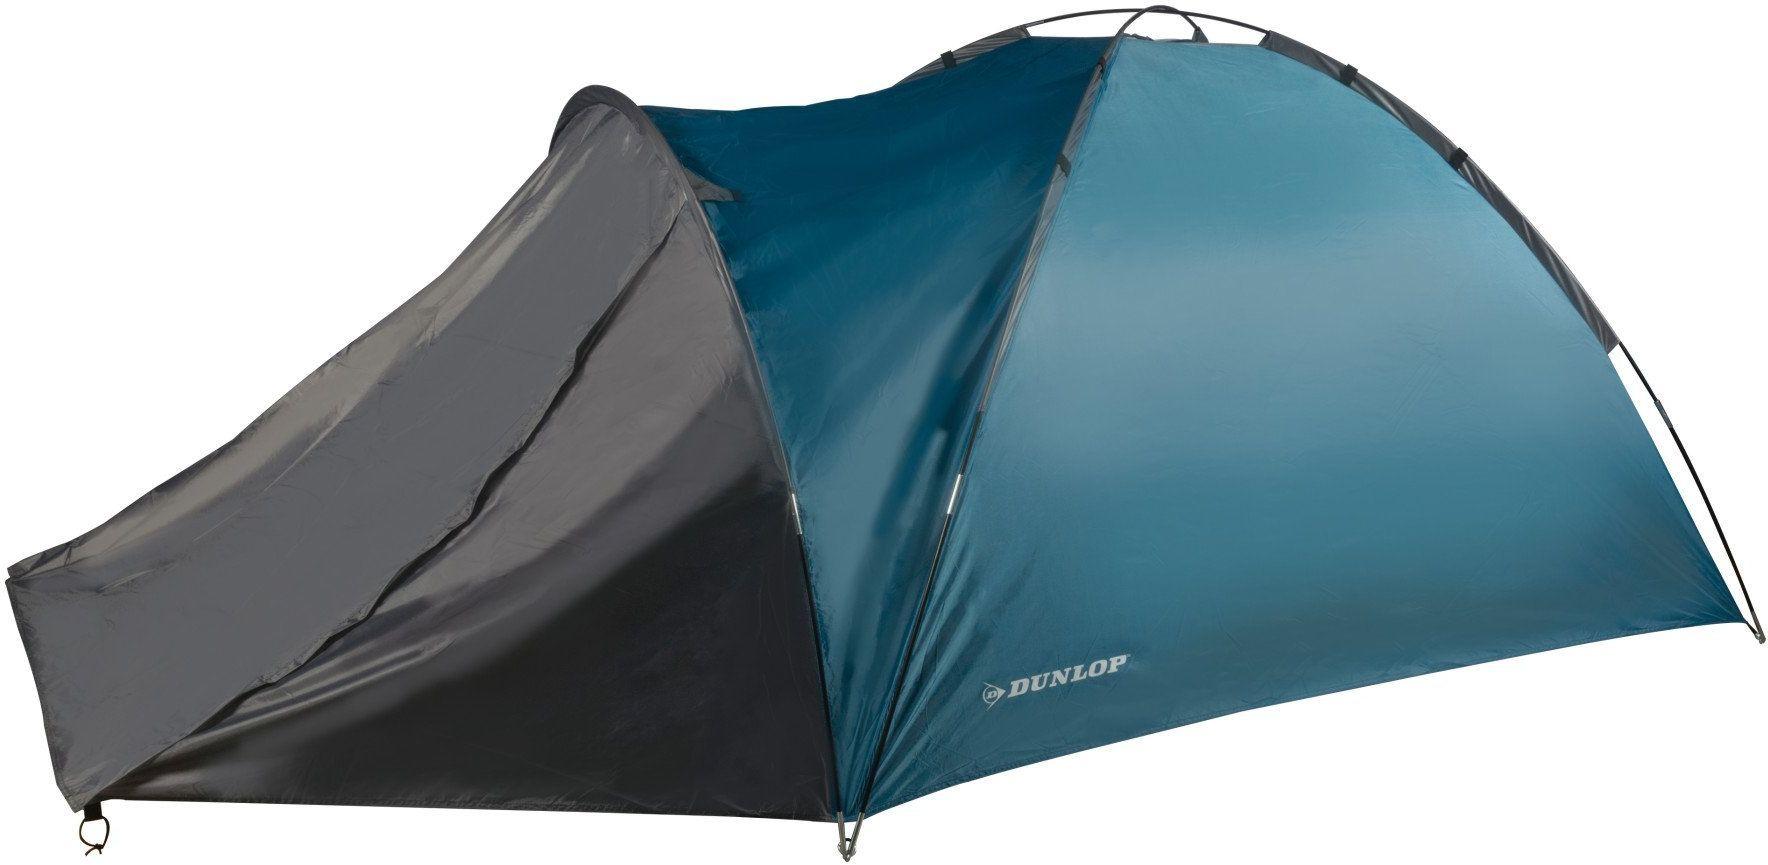 Namiot iglo 4osobowy z przedsionkiem Dunlop